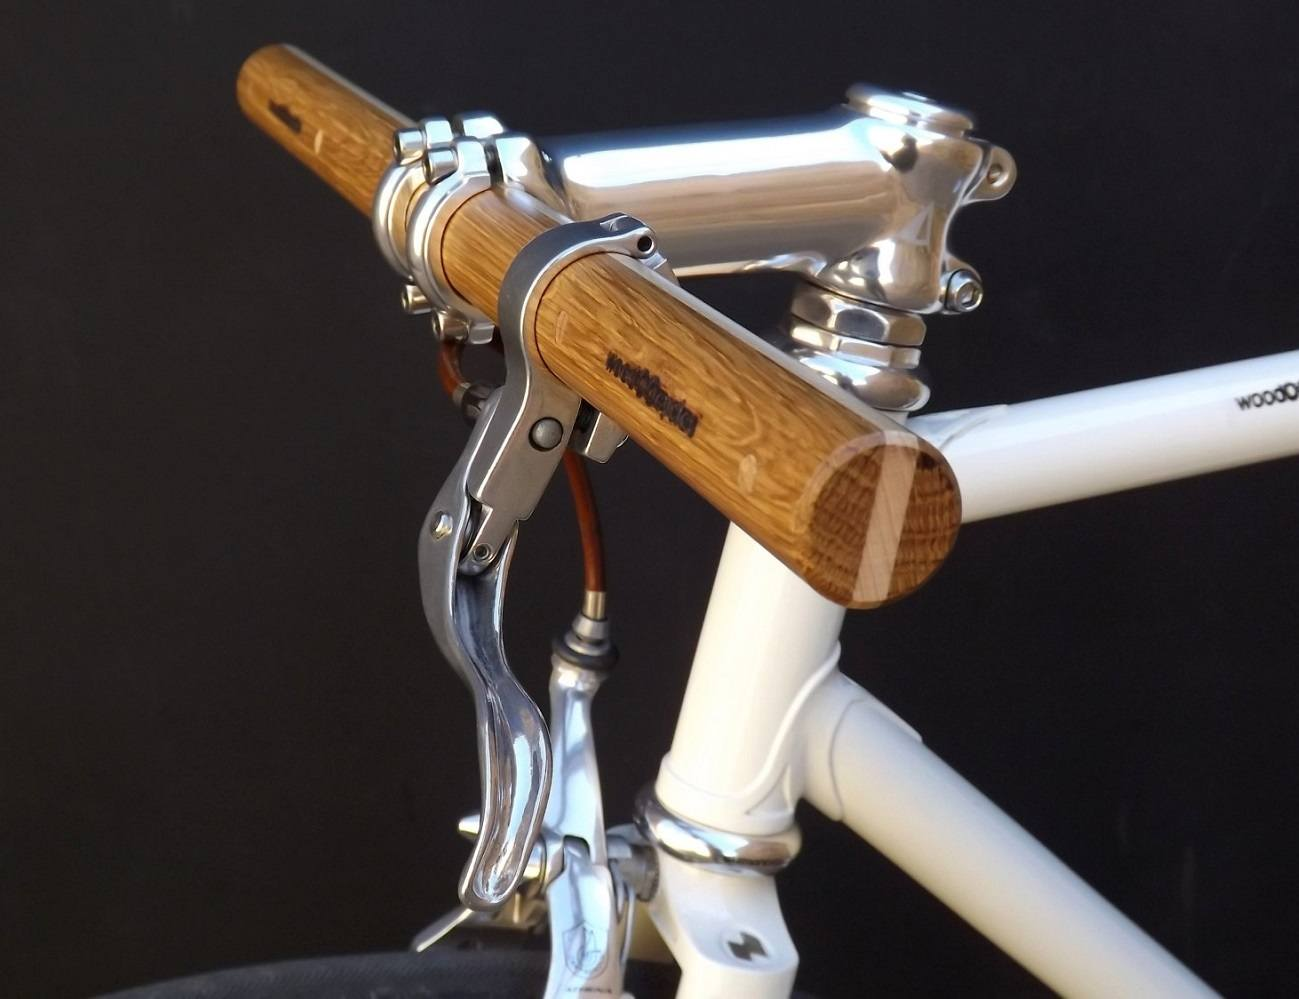 Wooden Handlebars